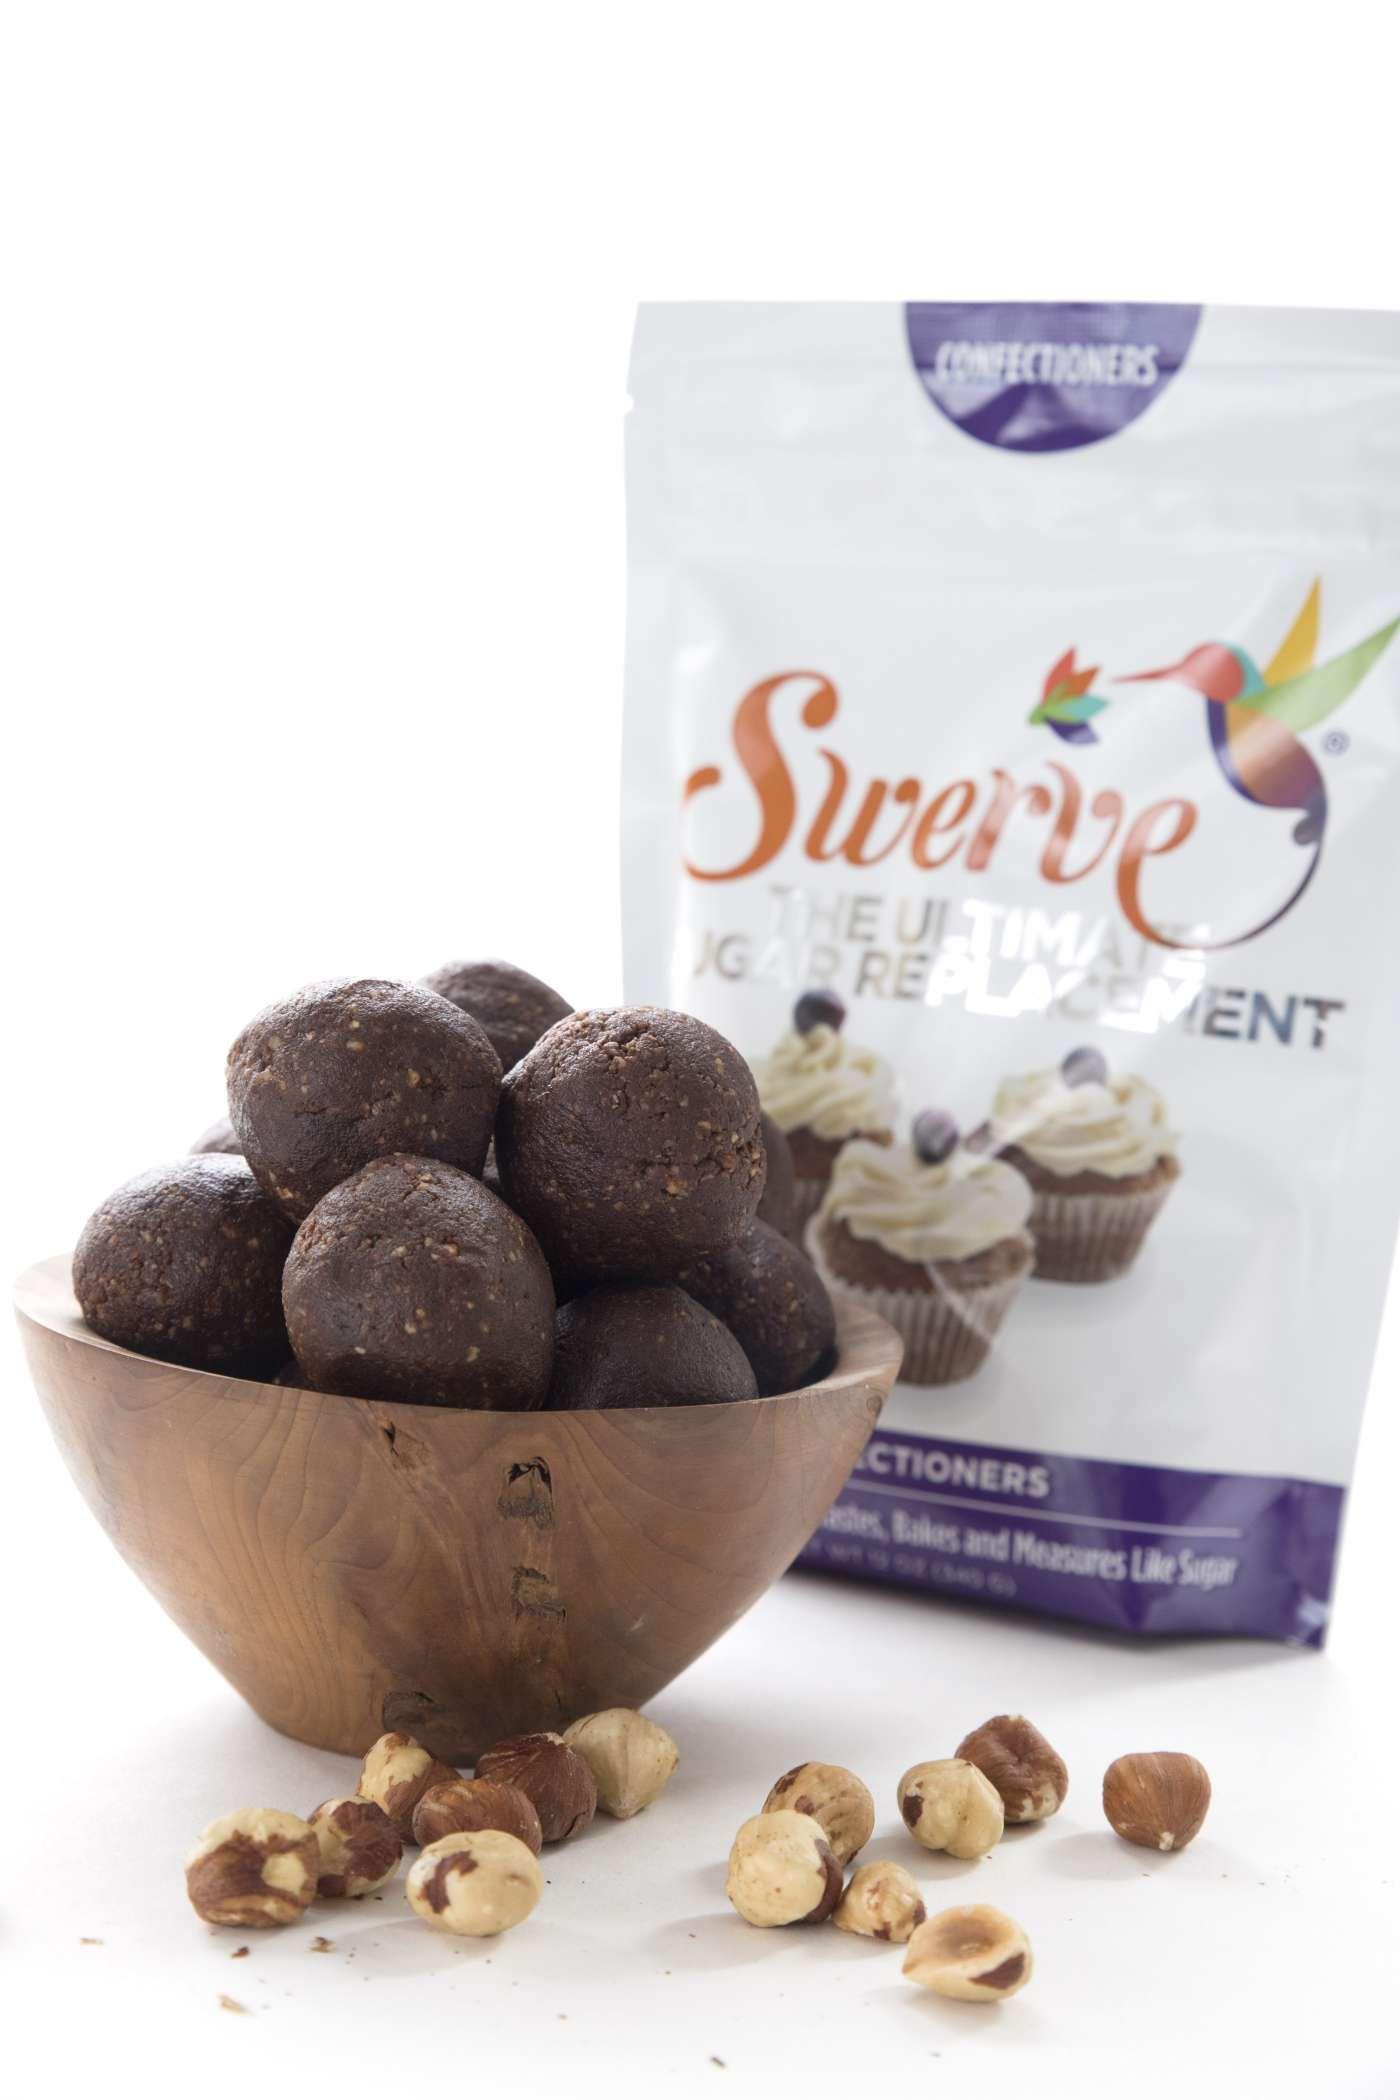 Chocolate hazelnut energy bites recipes swerve